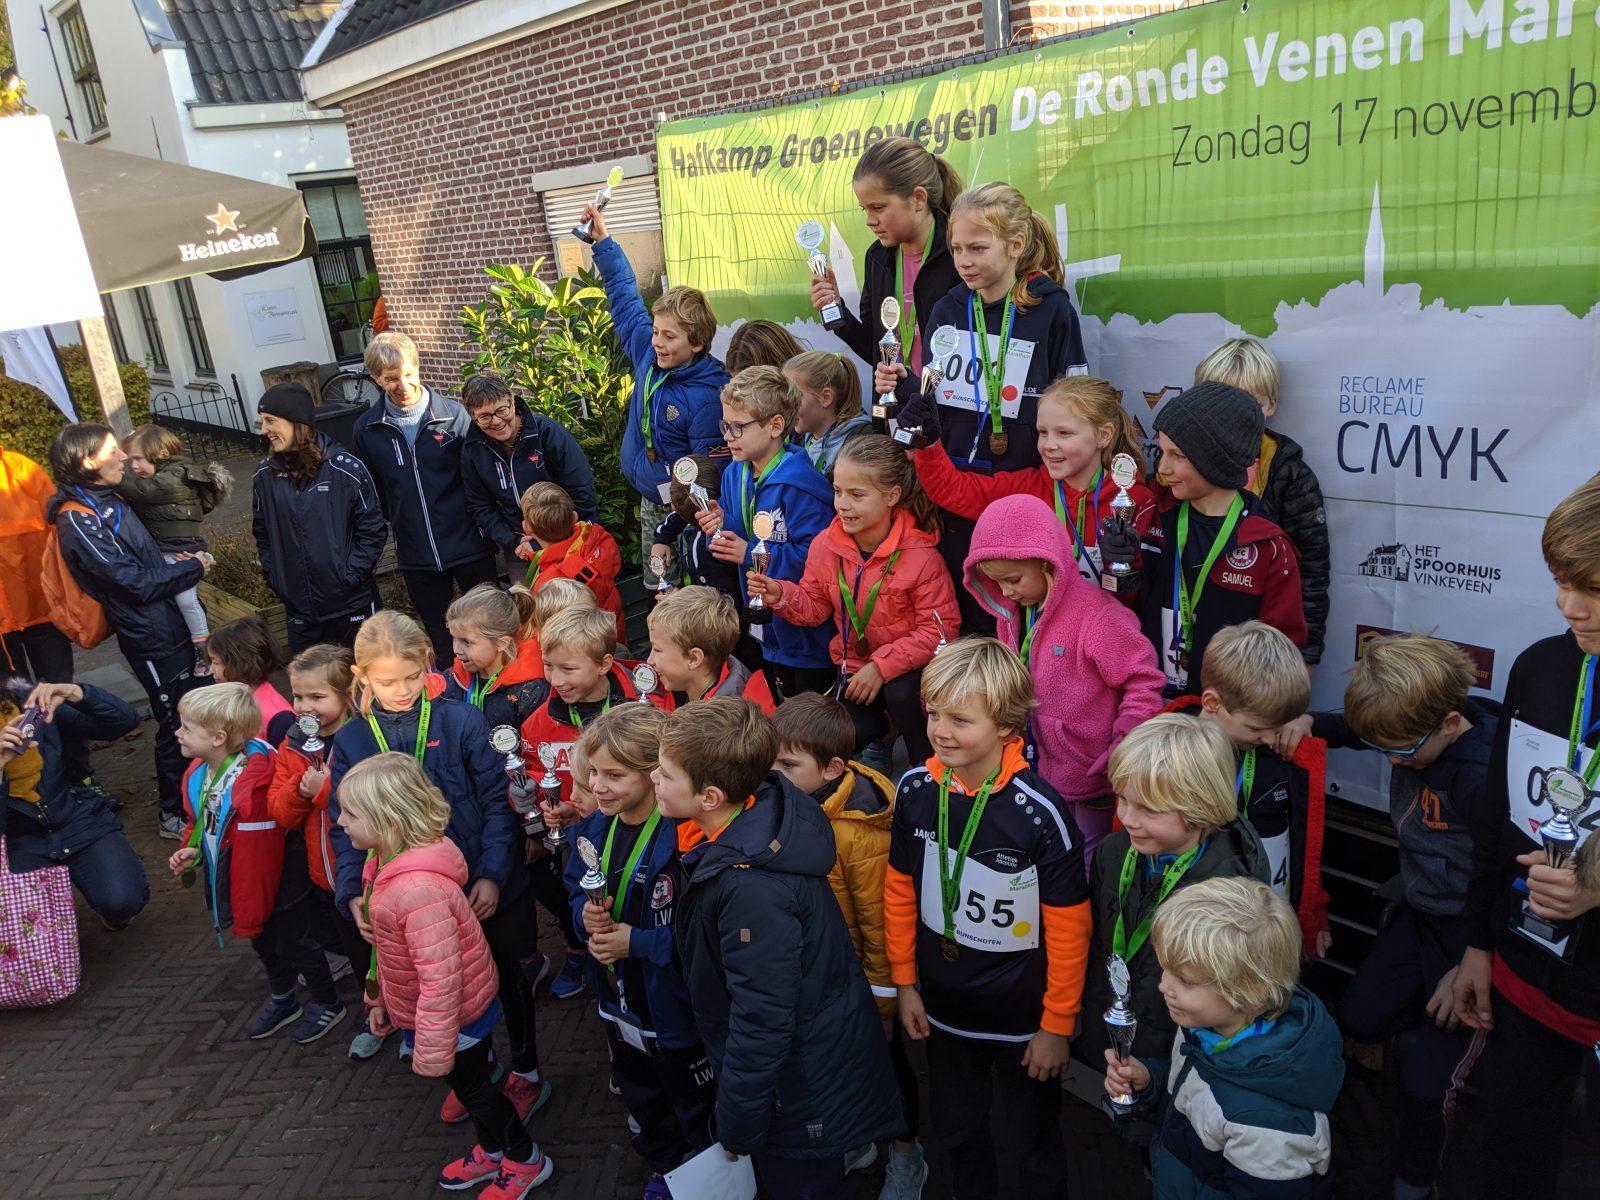 Winnaars mini marathon